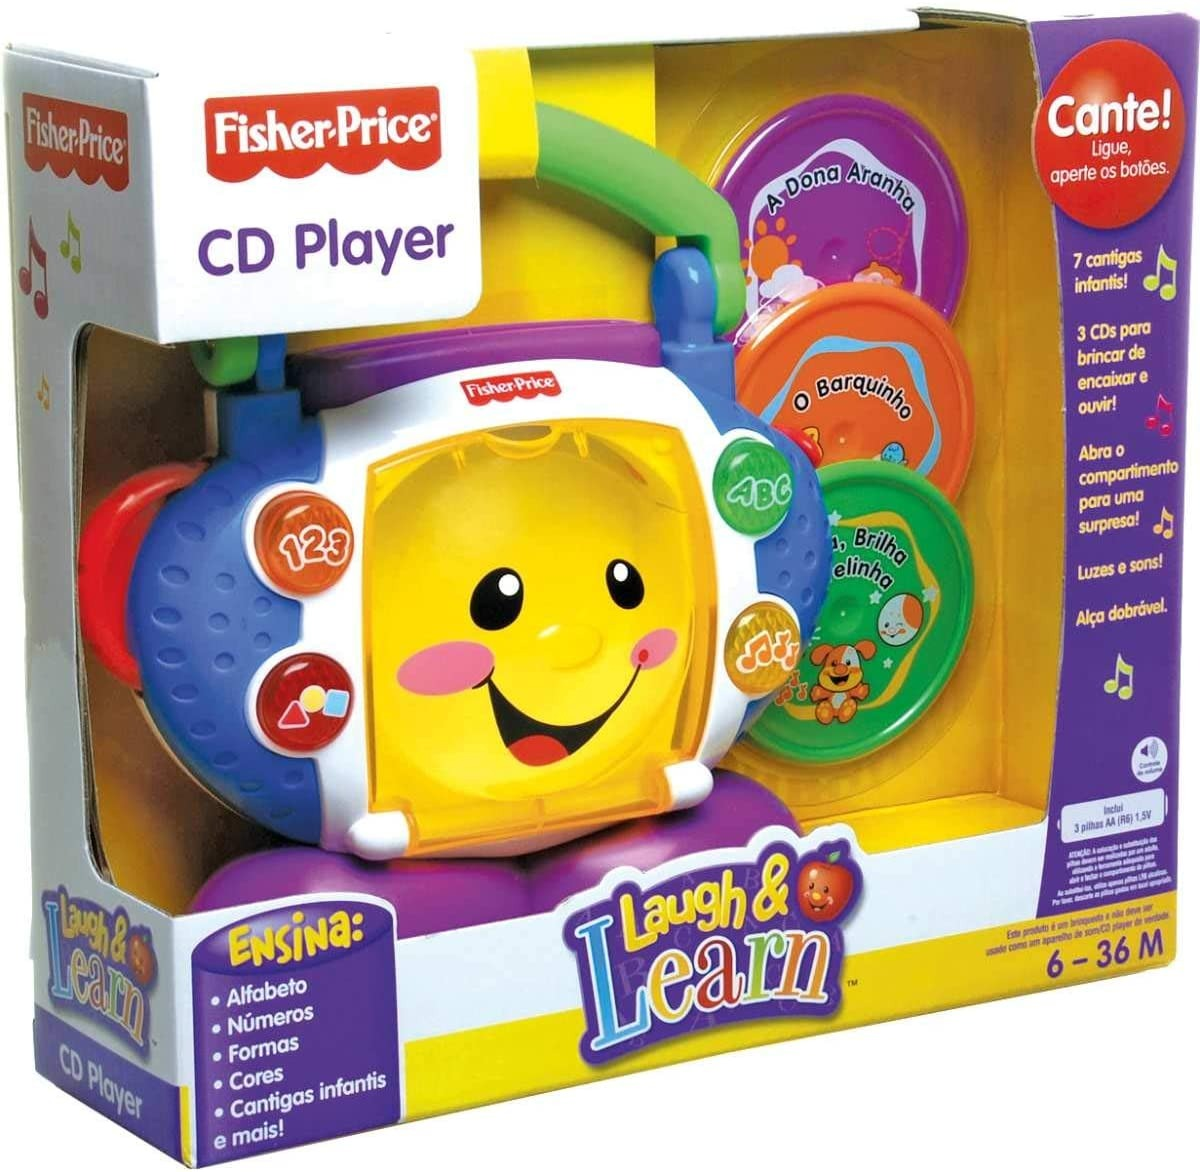 Brinquedo Educativo Cd Player Aprender E Brincar Fisher Price Com Canções E Luzes